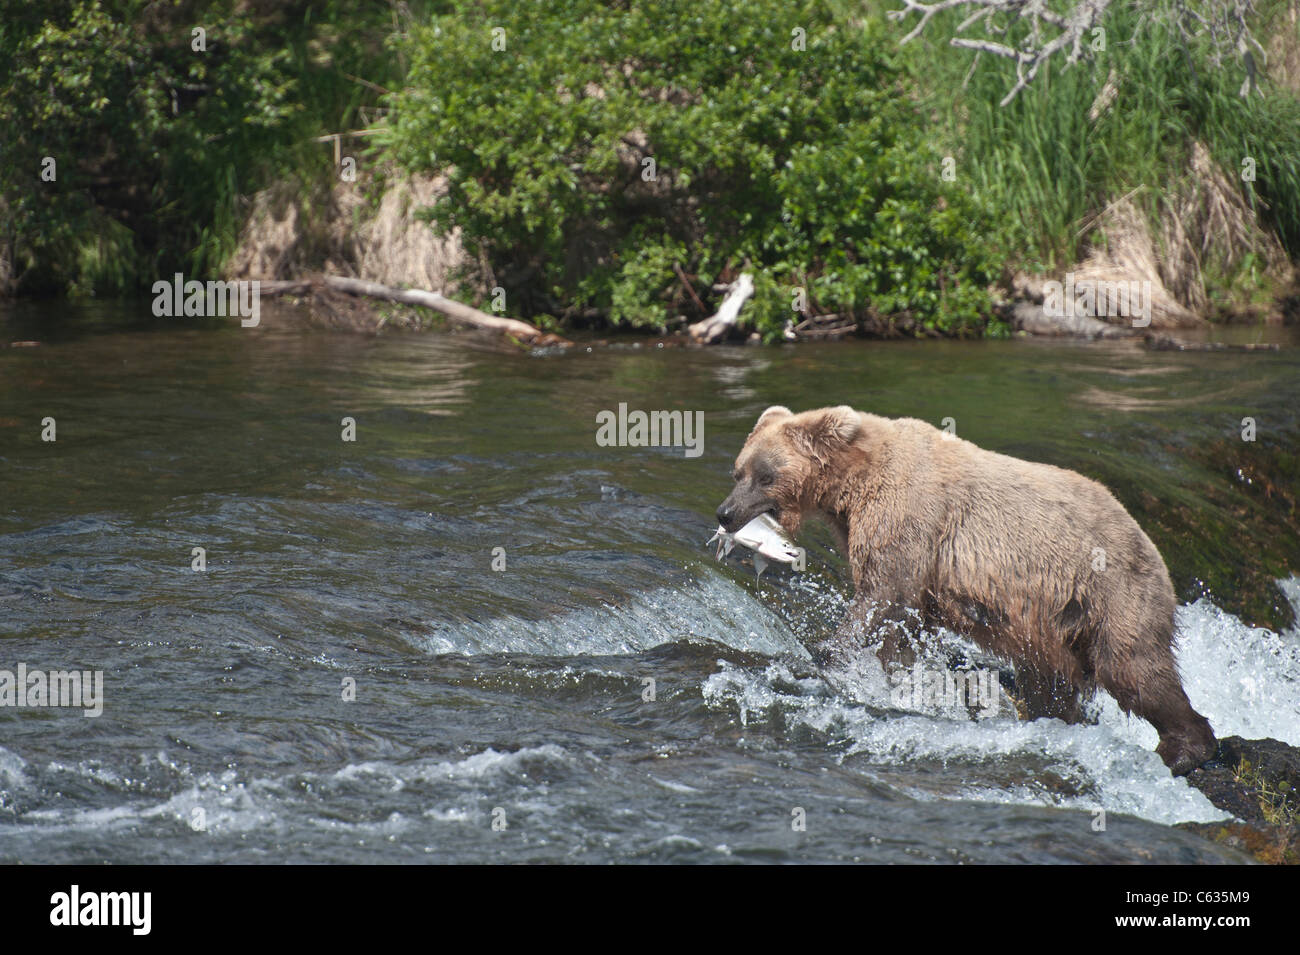 Braunbären/Grizzly Bären Fang von Lachs Stockfoto